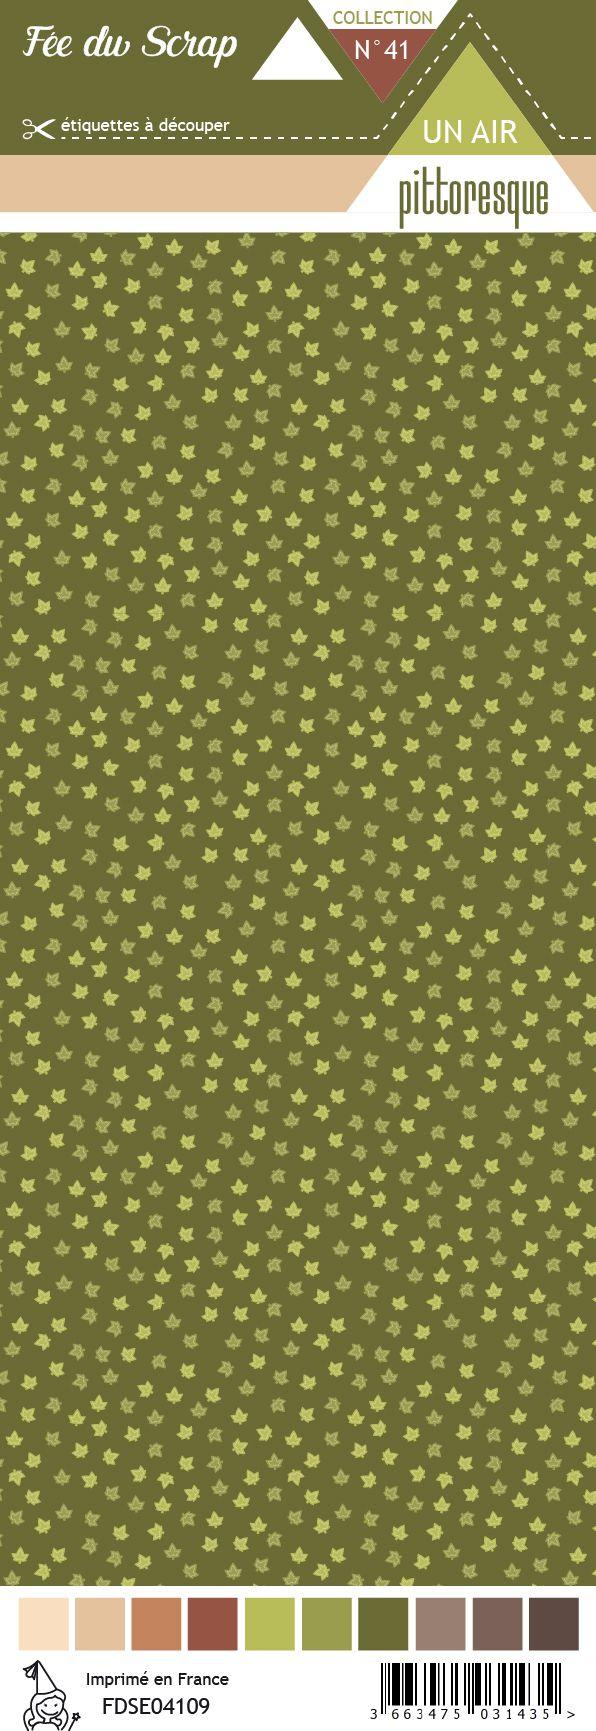 Etiquette un air de pittoresque - Feuilles vertes